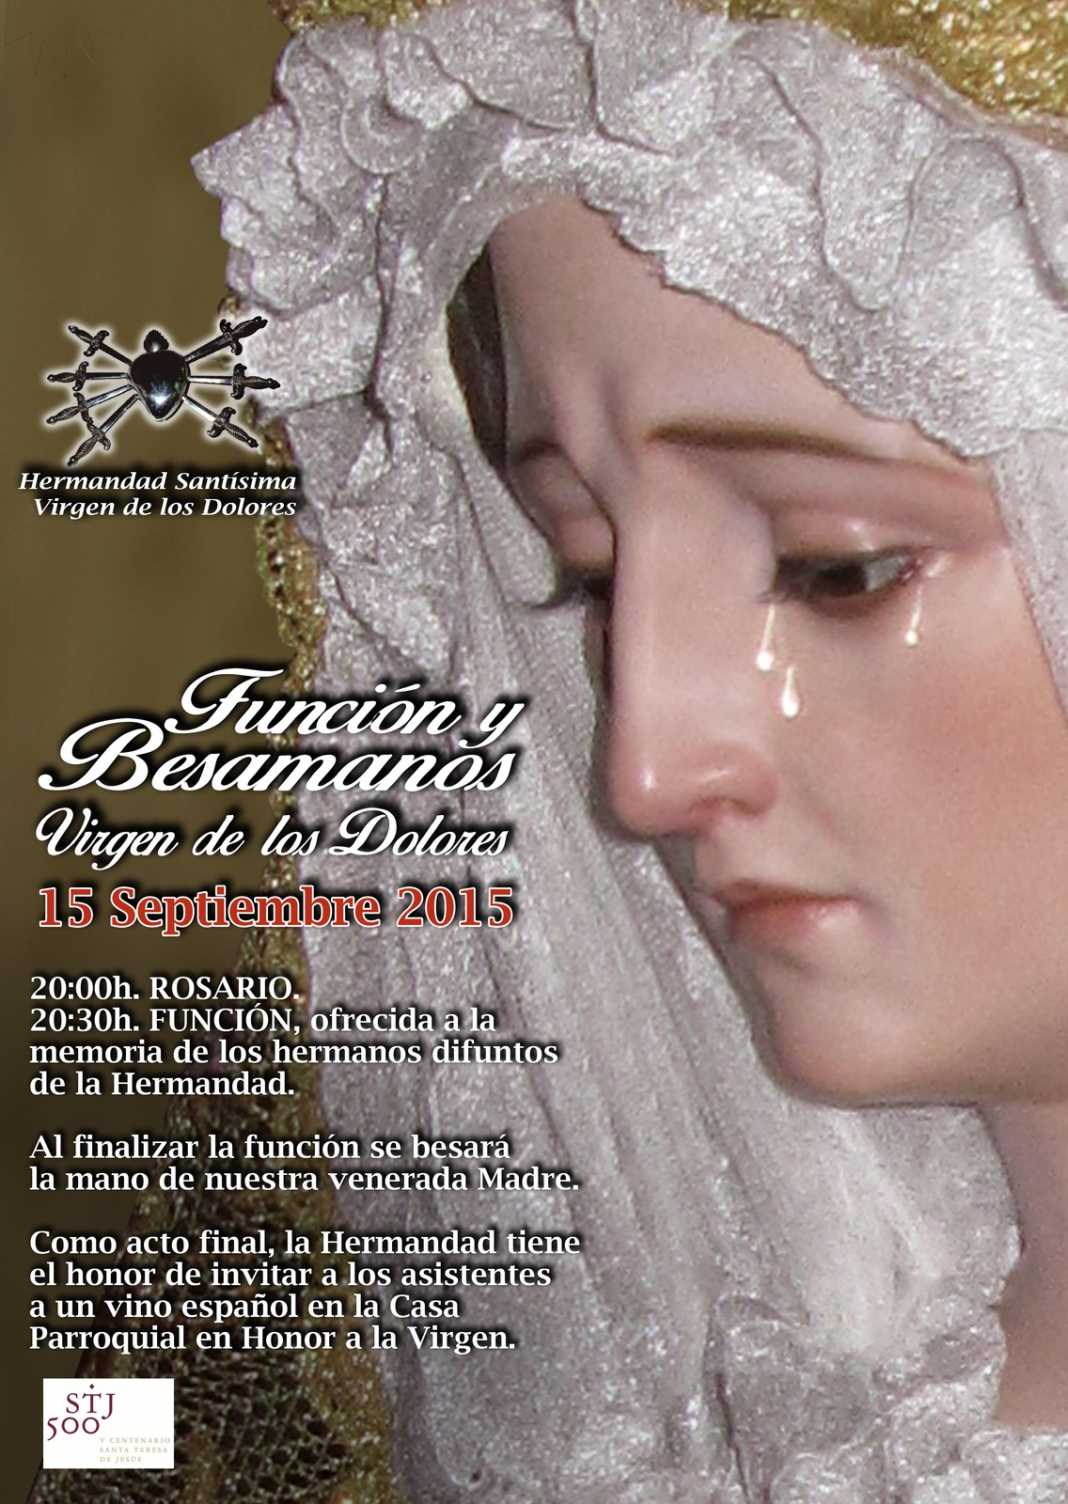 Función y besamos de la Virgen de los Dolores 1